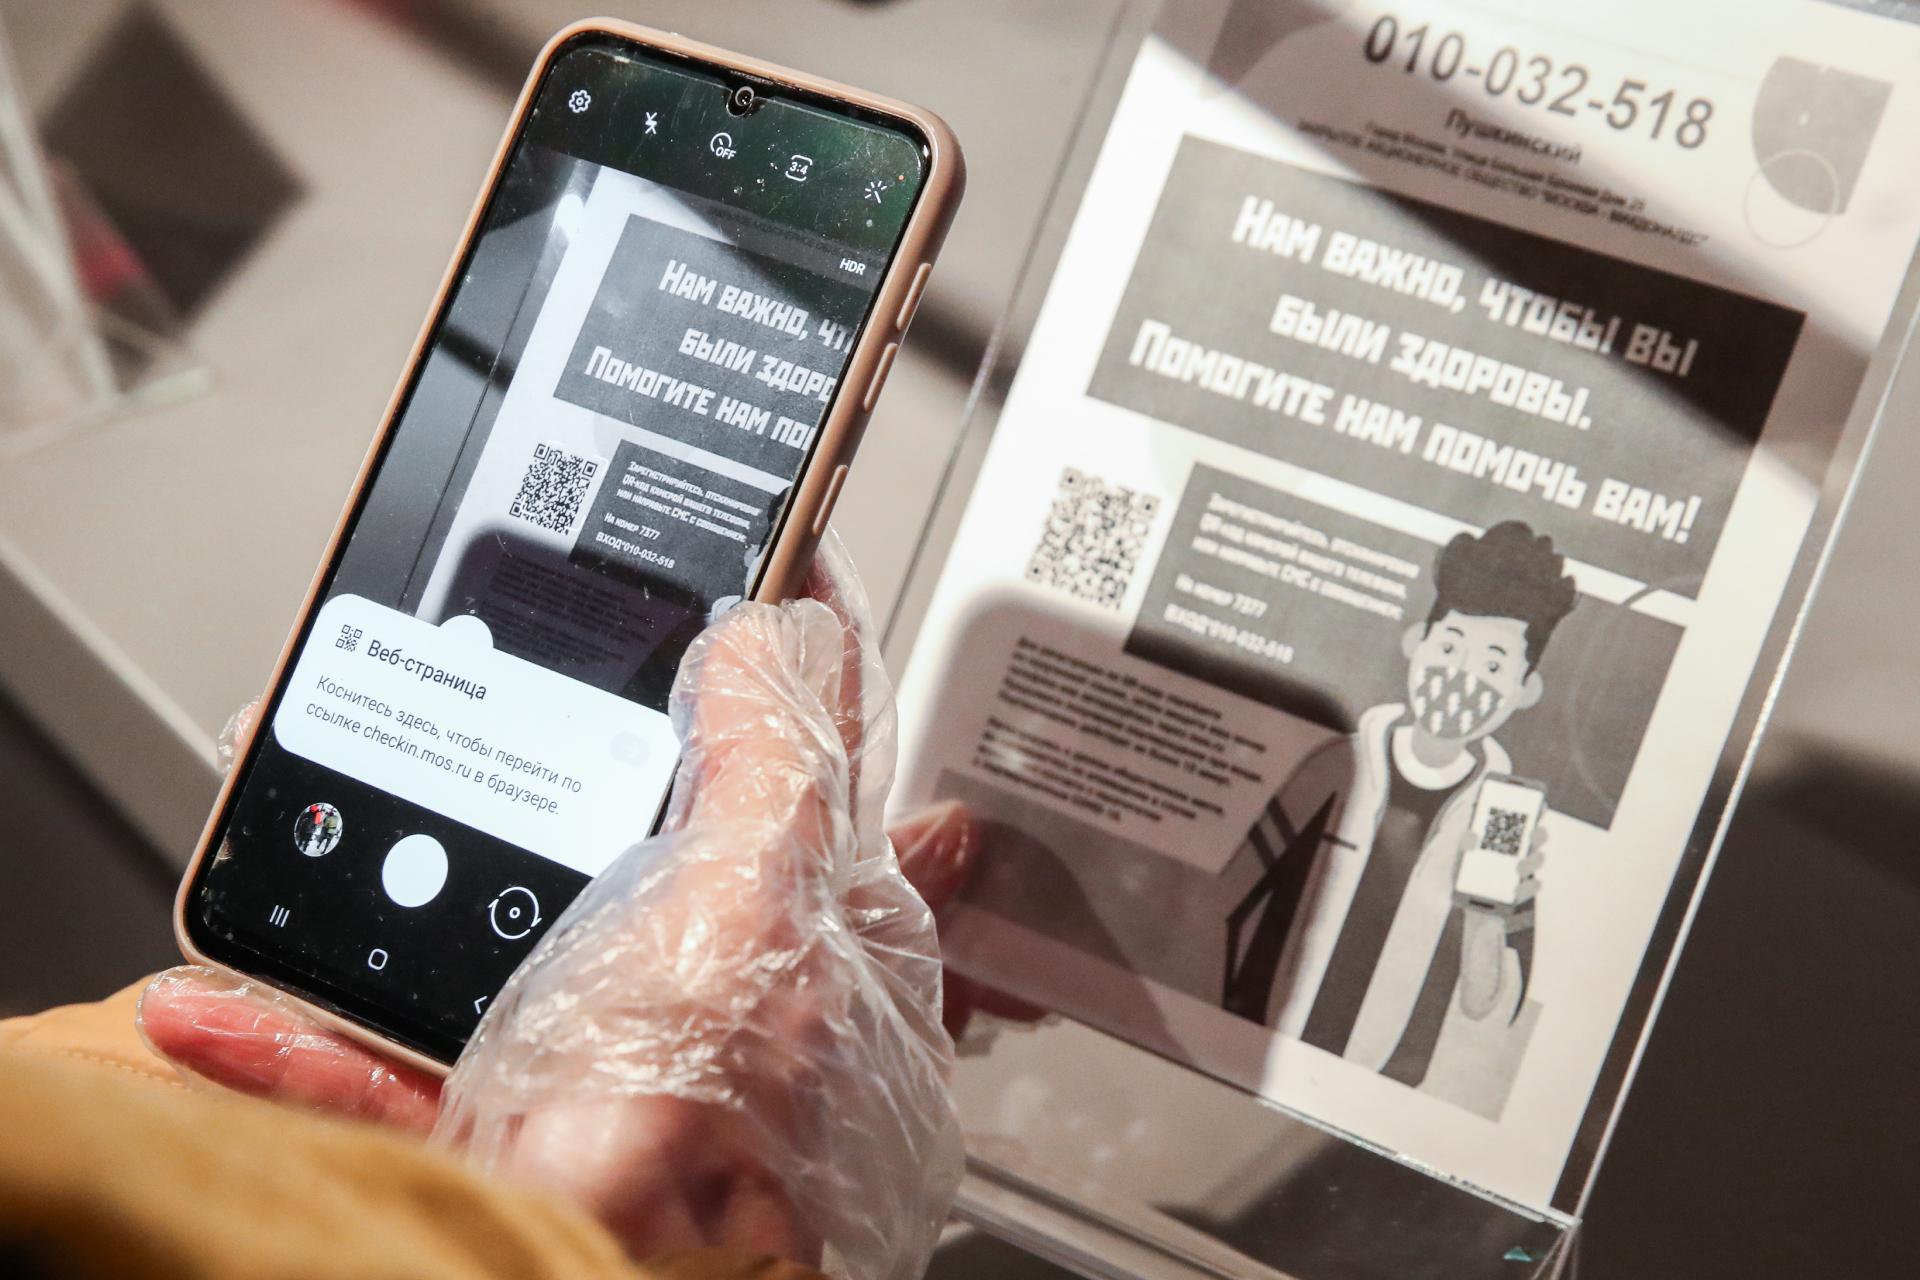 Объявление о вводе системы регистрации посетителей с помощью QR-кода или СМС в ресторане быстрого обслуживания McDonald's в период пандемии коронавируса